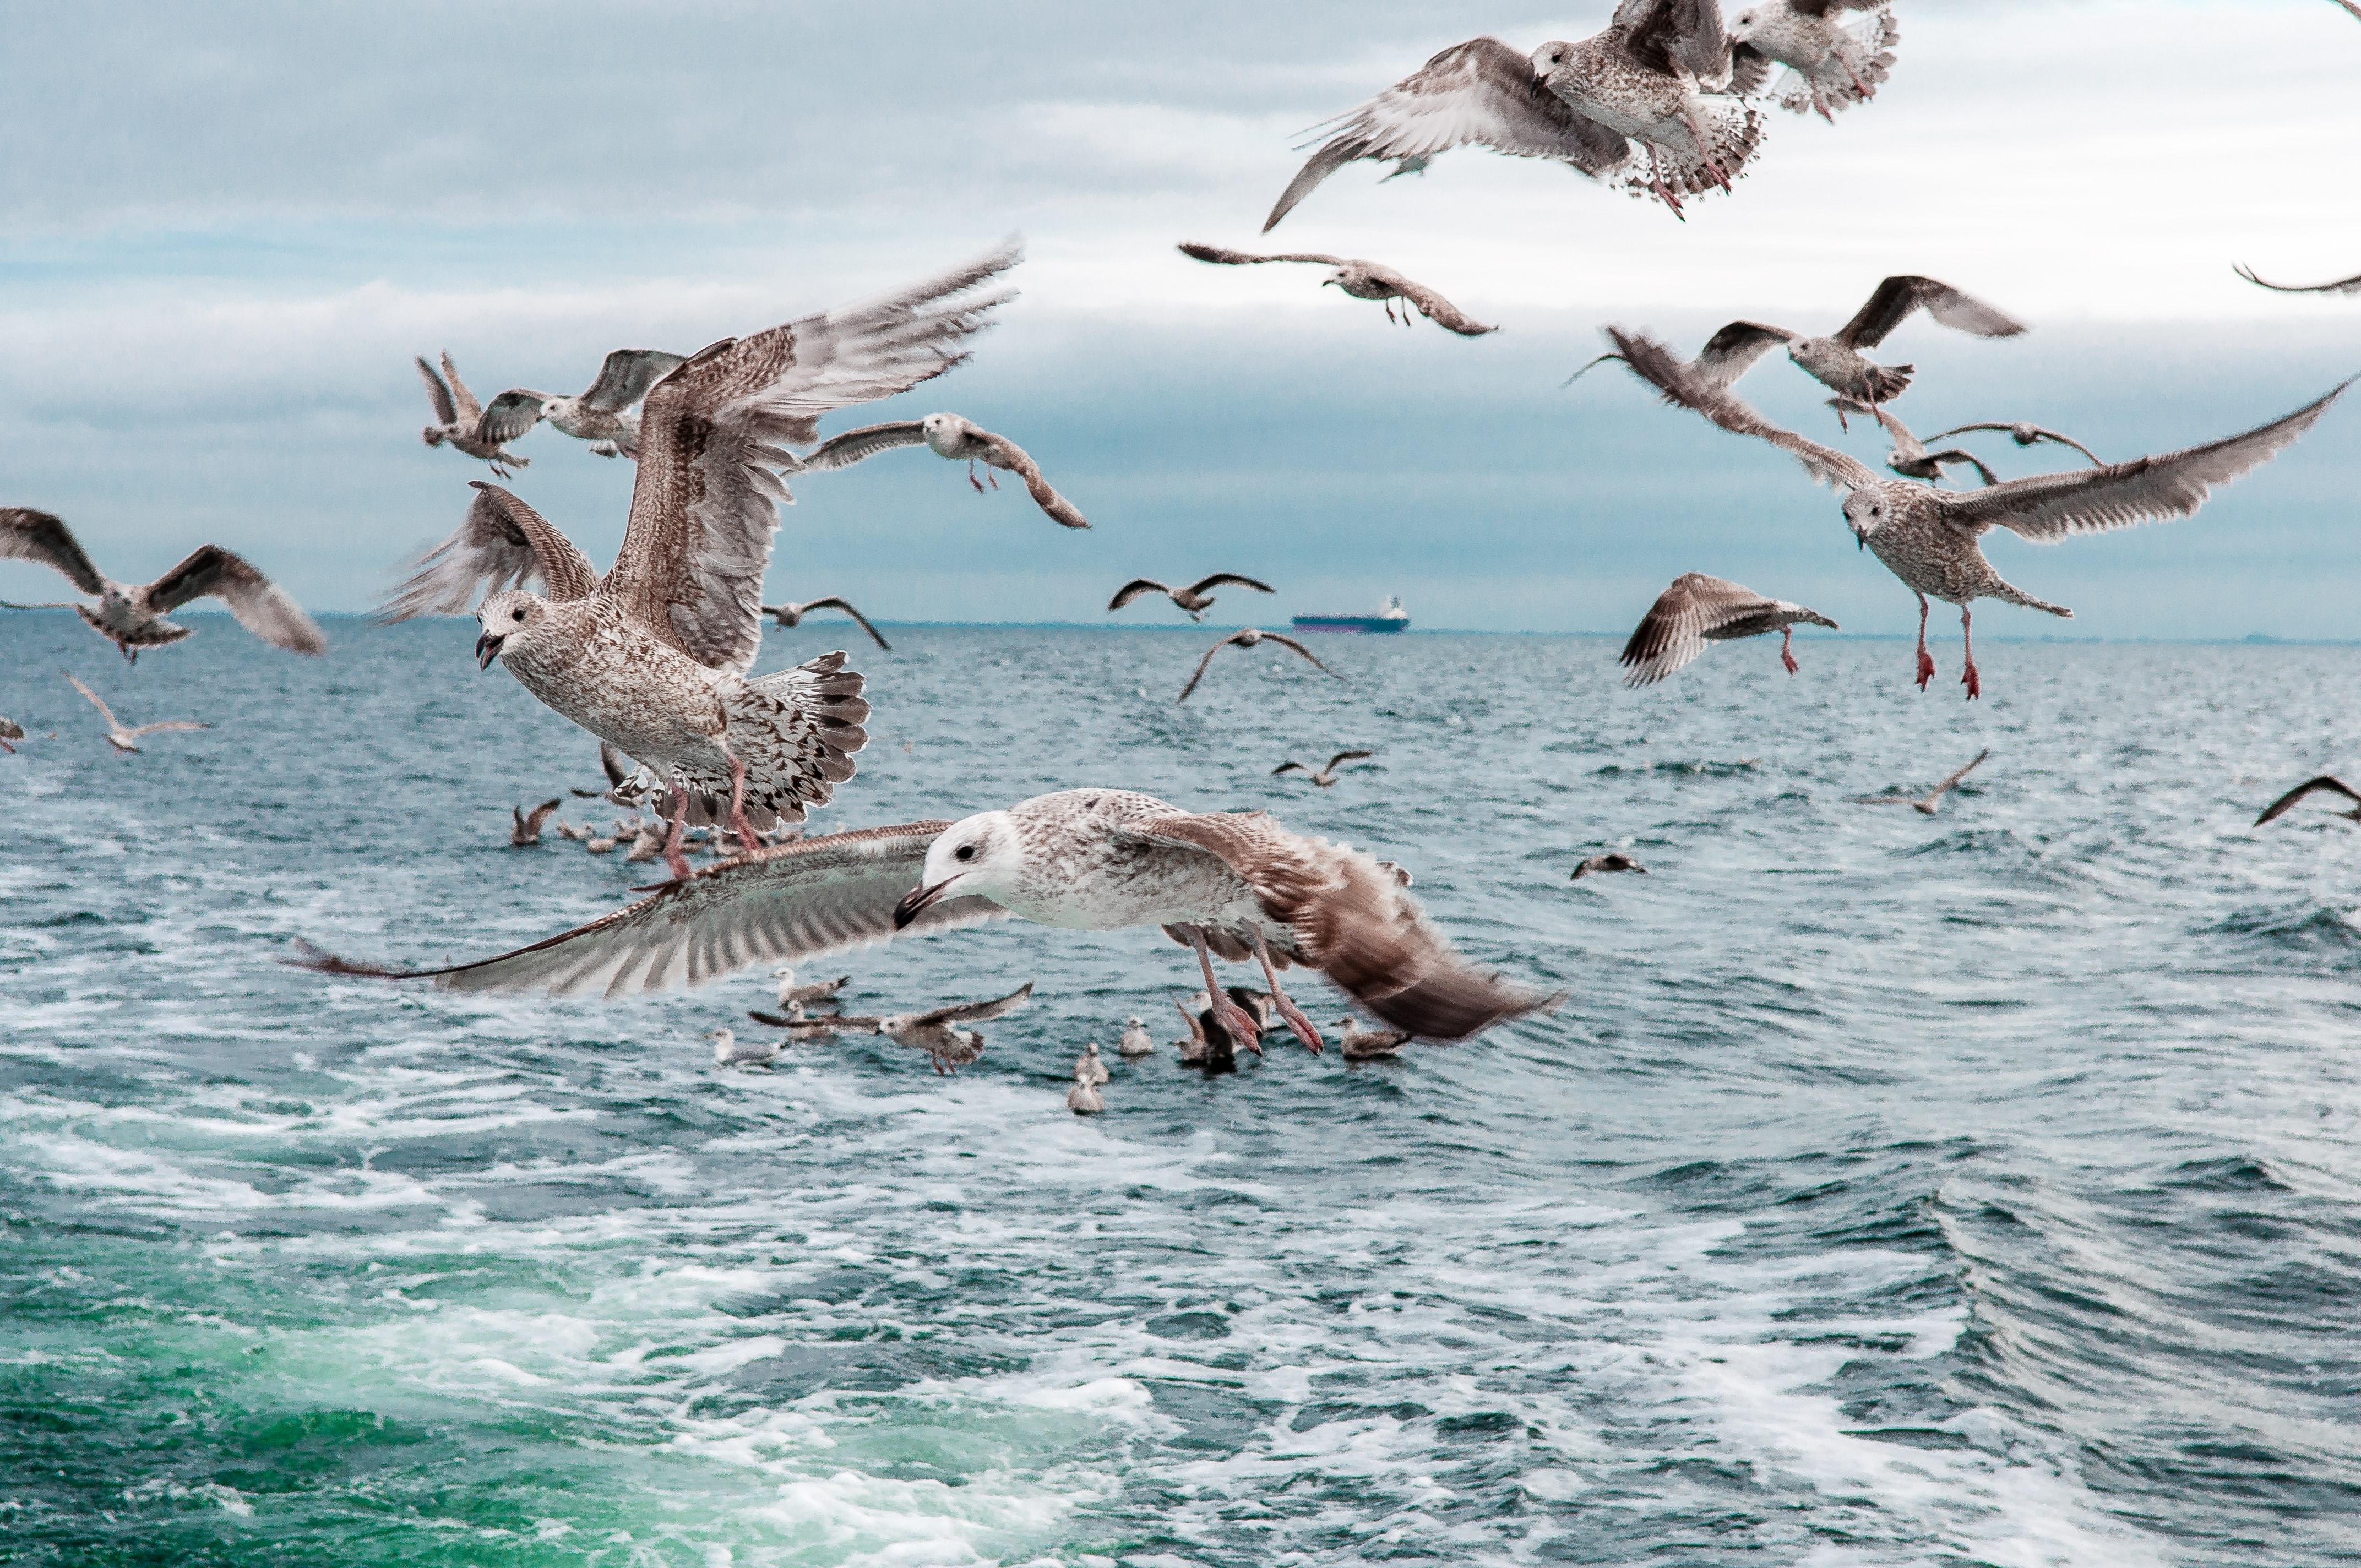 Fra Pløresund til Danmarks sundeste hav